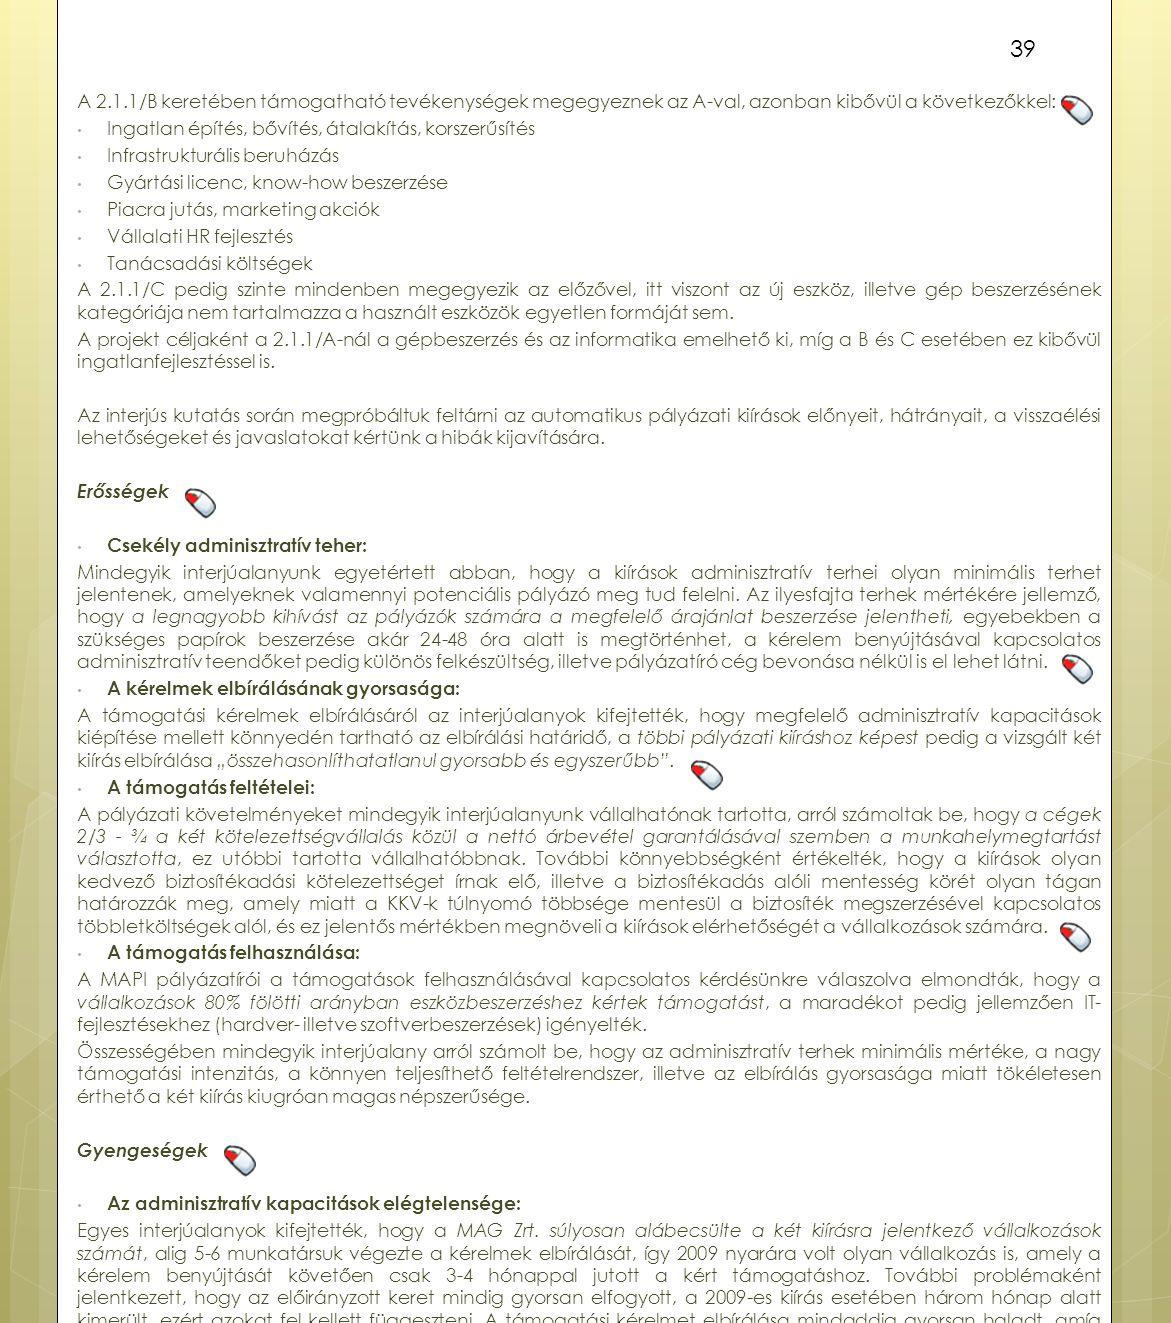 A 2.1.1/B keretében támogatható tevékenységek megegyeznek az A-val, azonban kibővül a következőkkel: Ingatlan építés, bővítés, átalakítás, korszerűsítés Infrastrukturális beruházás Gyártási licenc, know-how beszerzése Piacra jutás, marketing akciók Vállalati HR fejlesztés Tanácsadási költségek A 2.1.1/C pedig szinte mindenben megegyezik az előzővel, itt viszont az új eszköz, illetve gép beszerzésének kategóriája nem tartalmazza a használt eszközök egyetlen formáját sem.